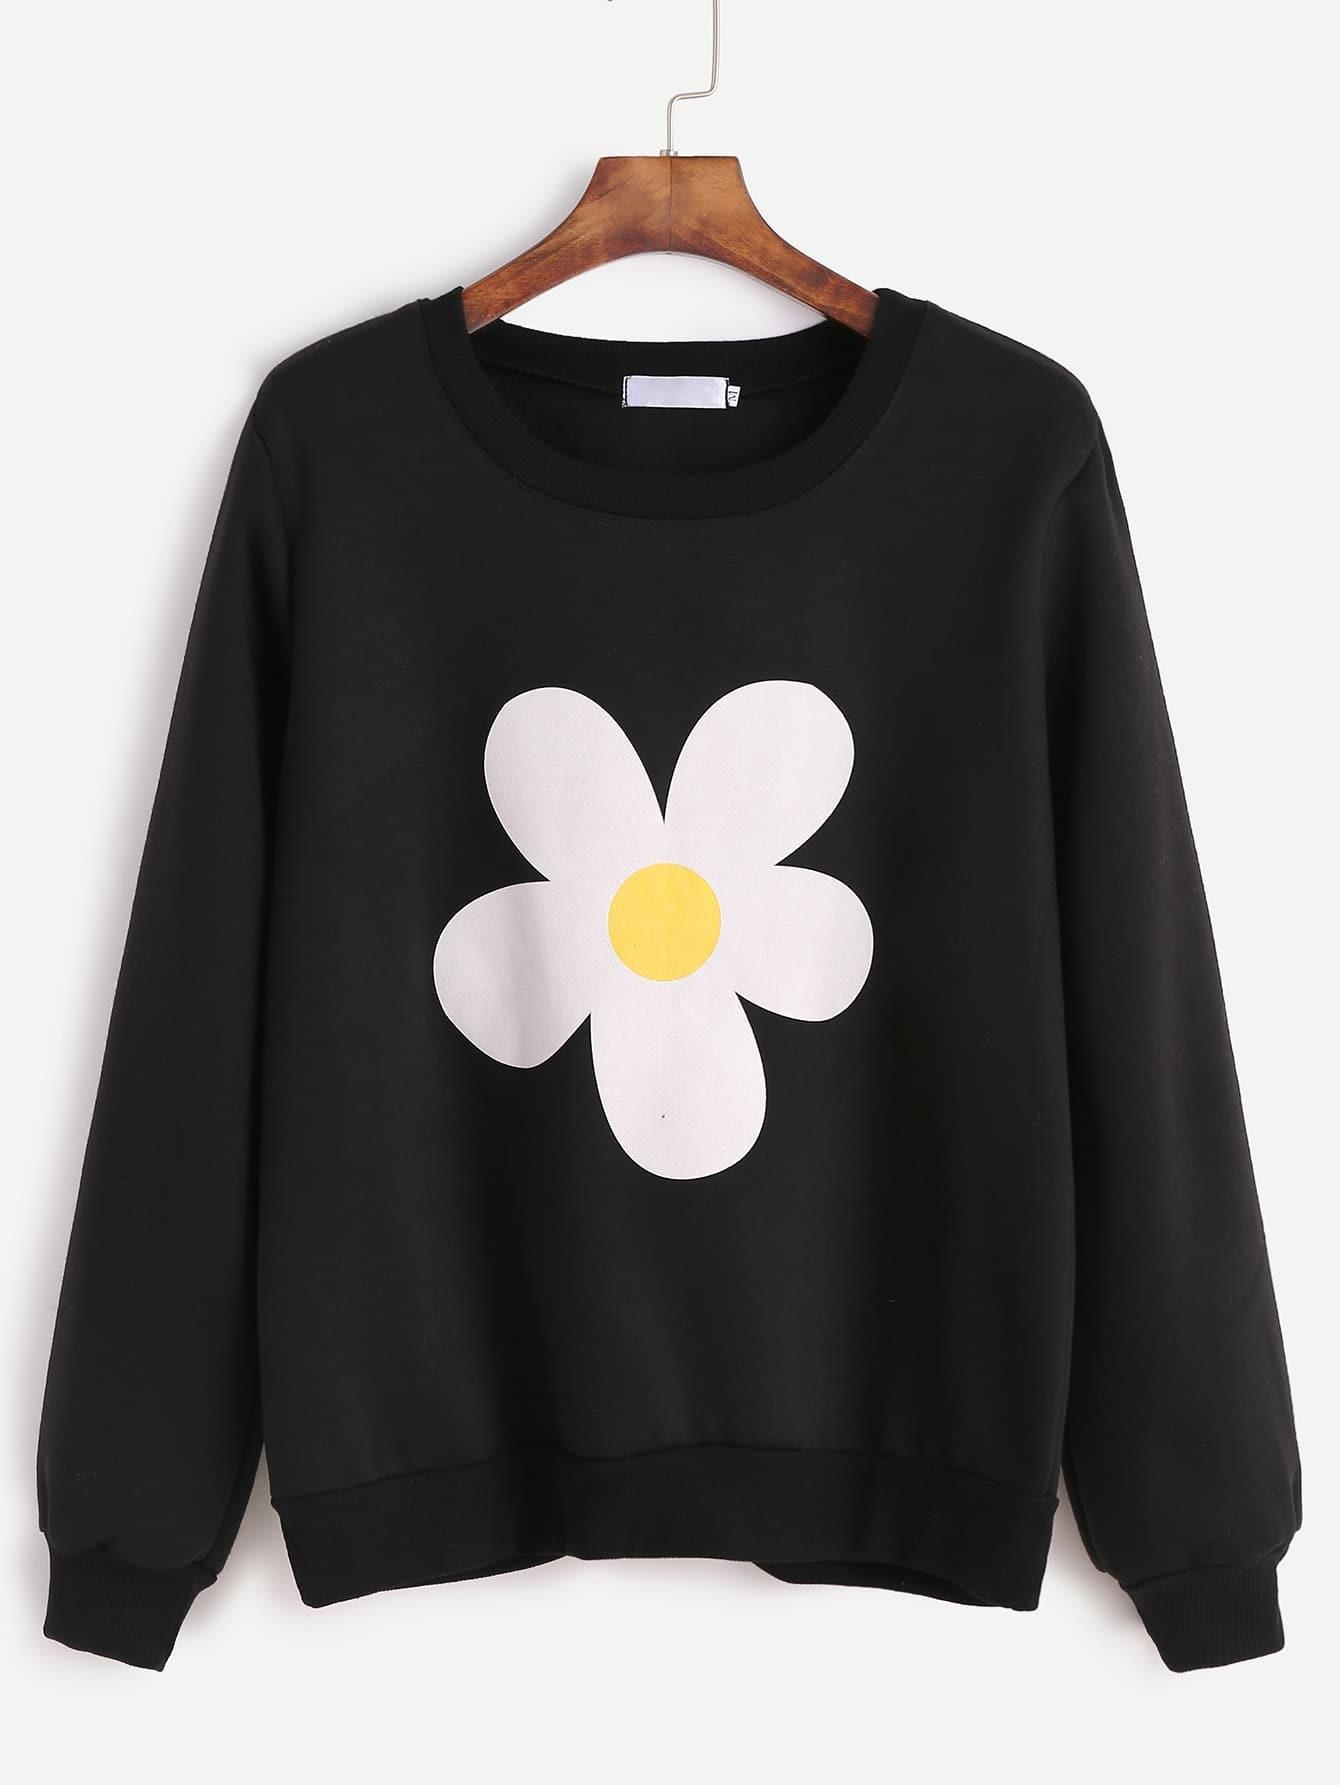 Black Flower Print Sweatshirt sweatshirt161025104